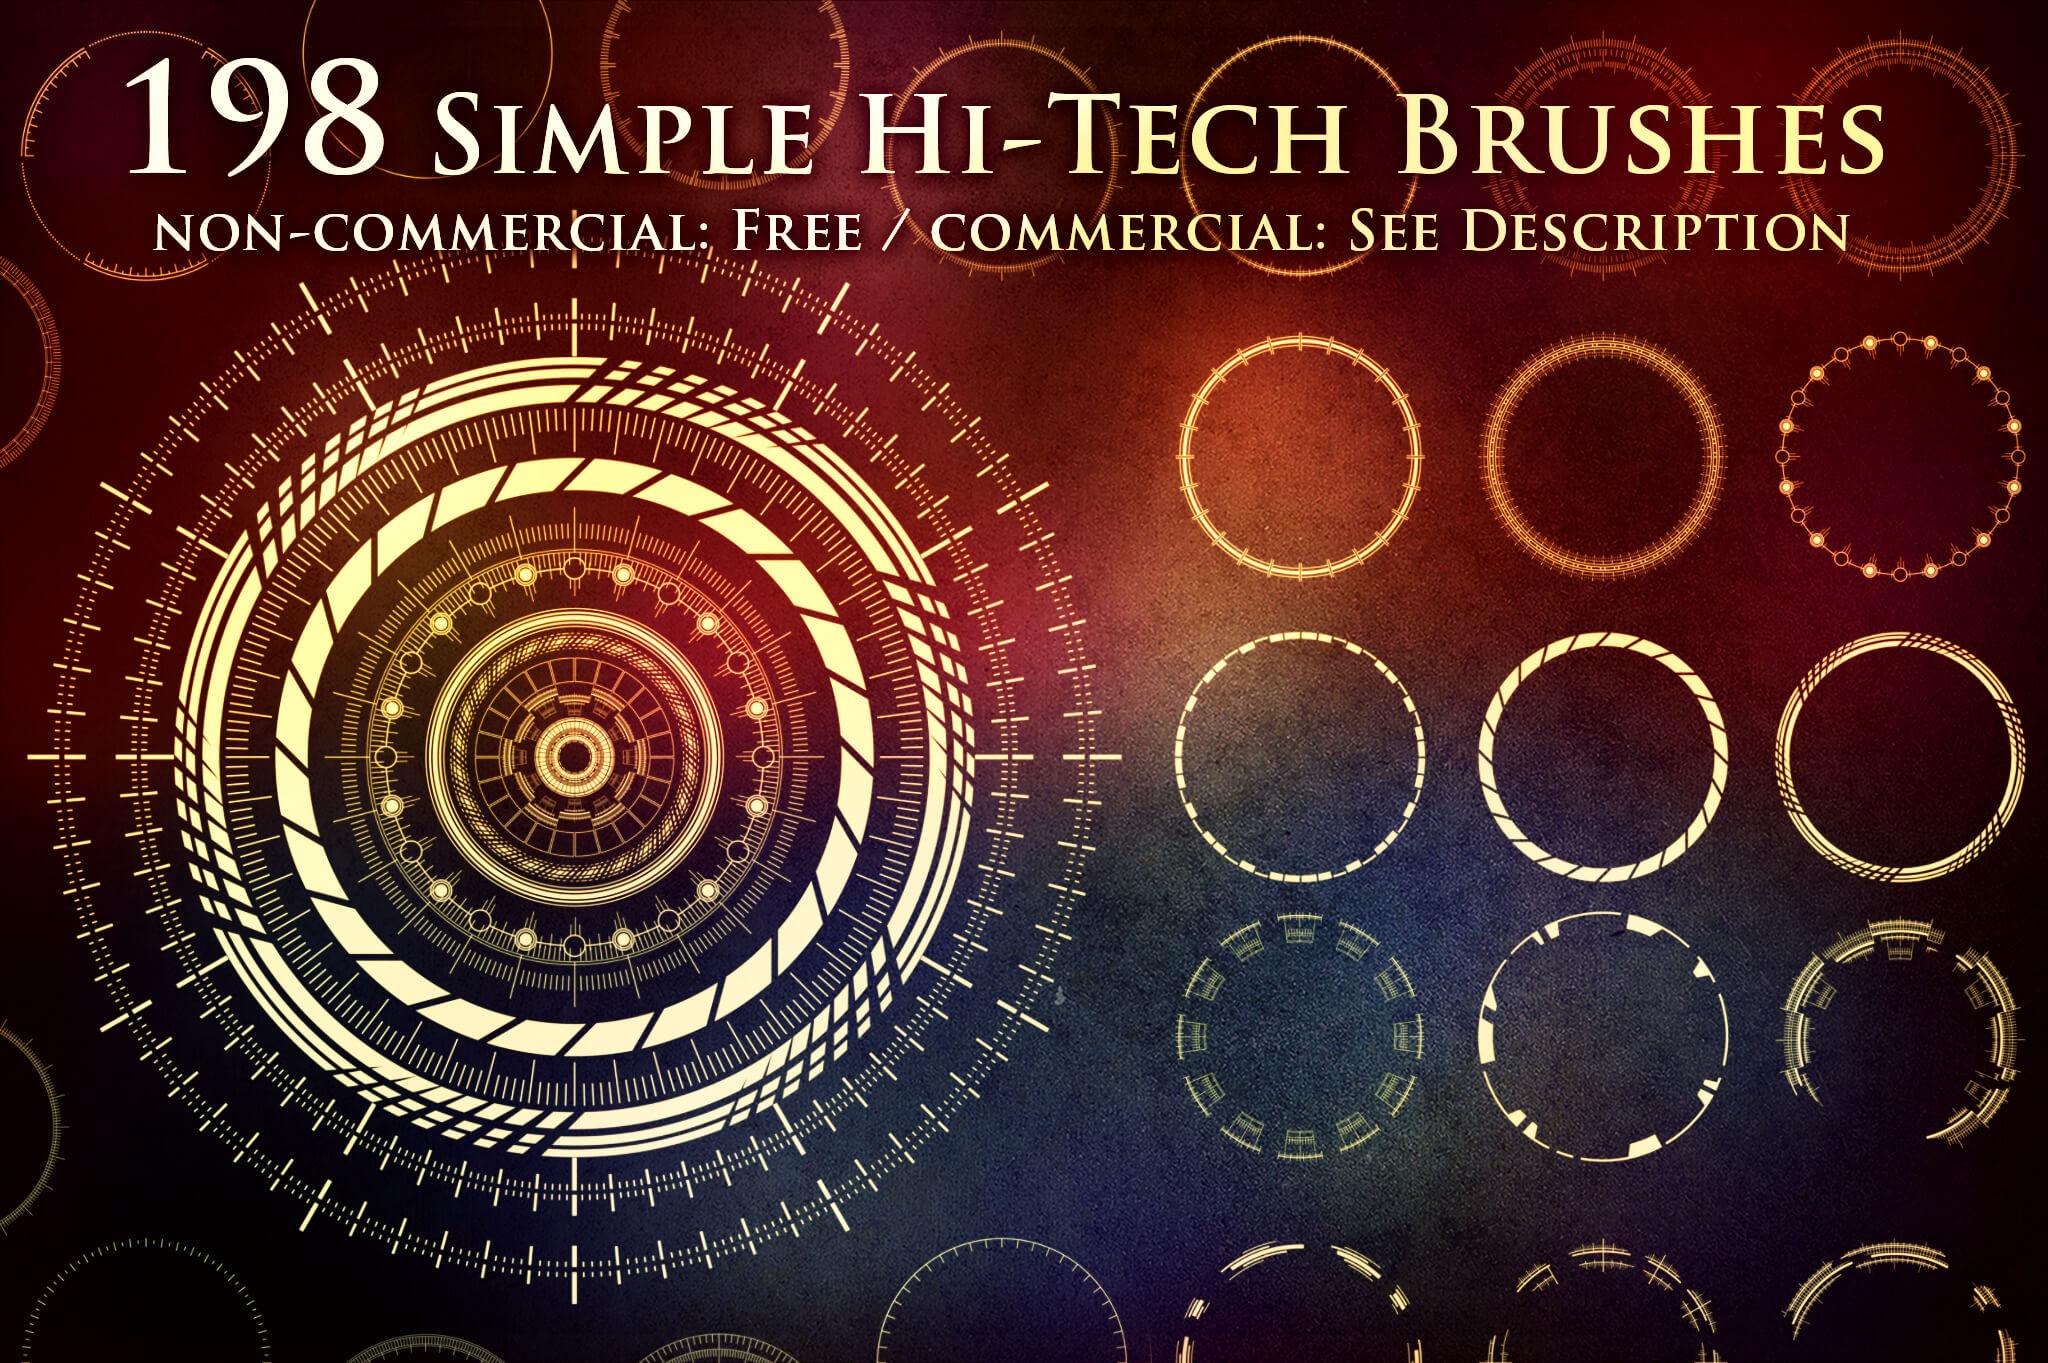 198种酷炫、高科技效果圆圈图形、时尚圆环造型PS笔刷素材下载